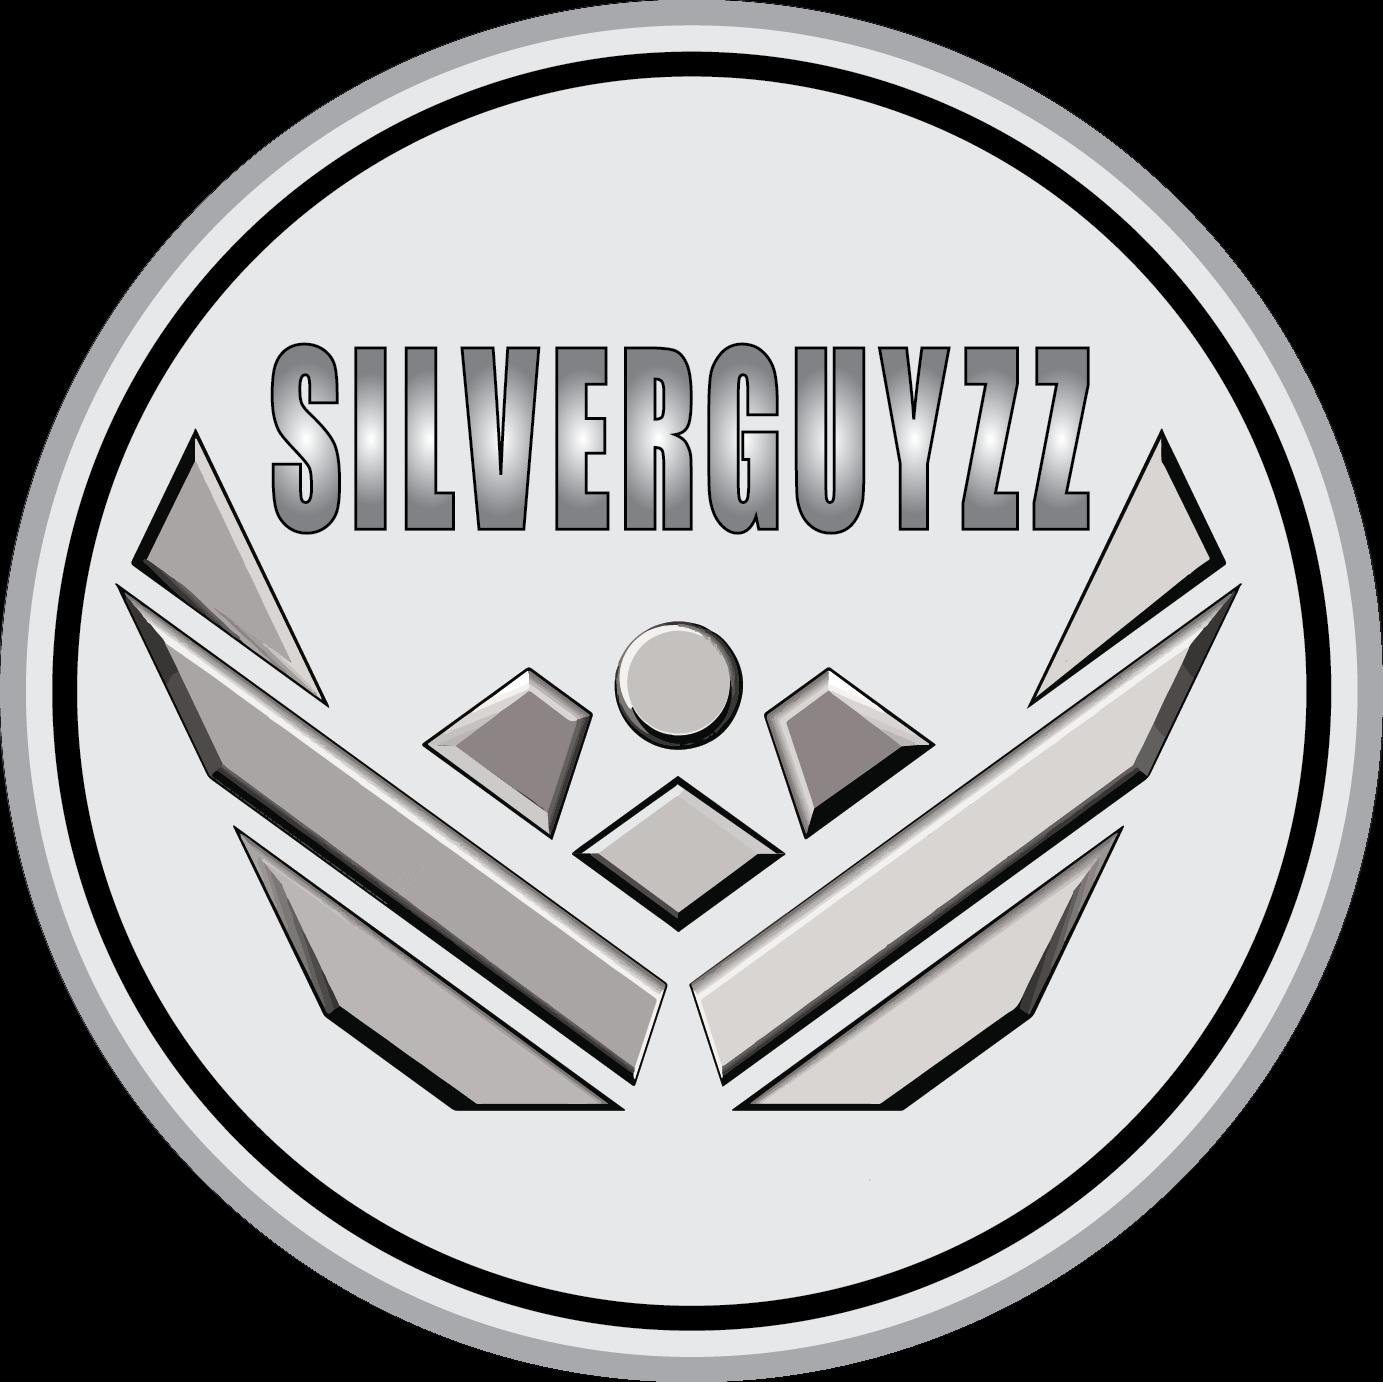 Silverguyzz